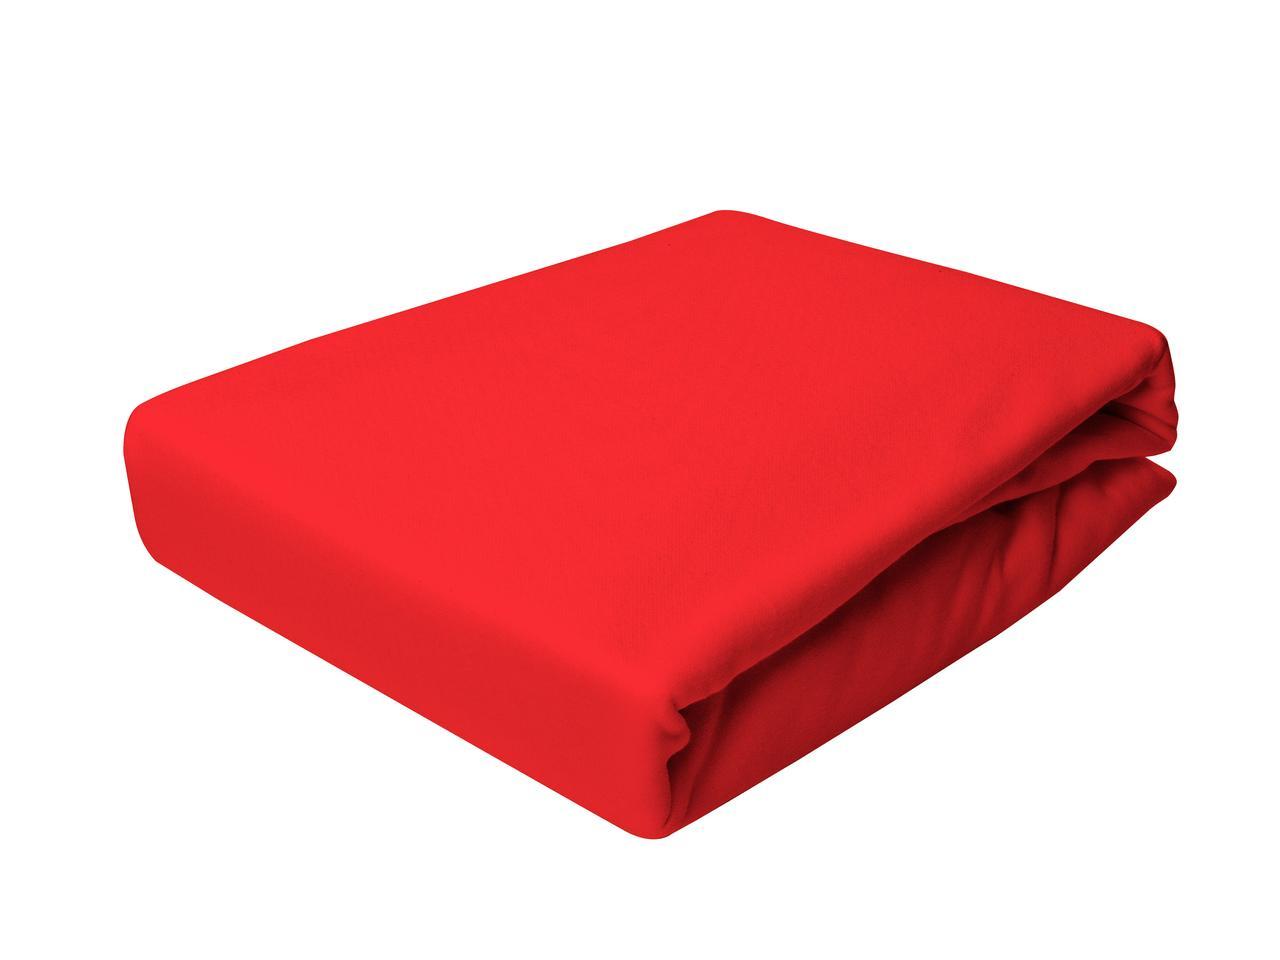 Простыня Трикотажная На резинке NR 016D Darymex 9781 180x200 см Красная